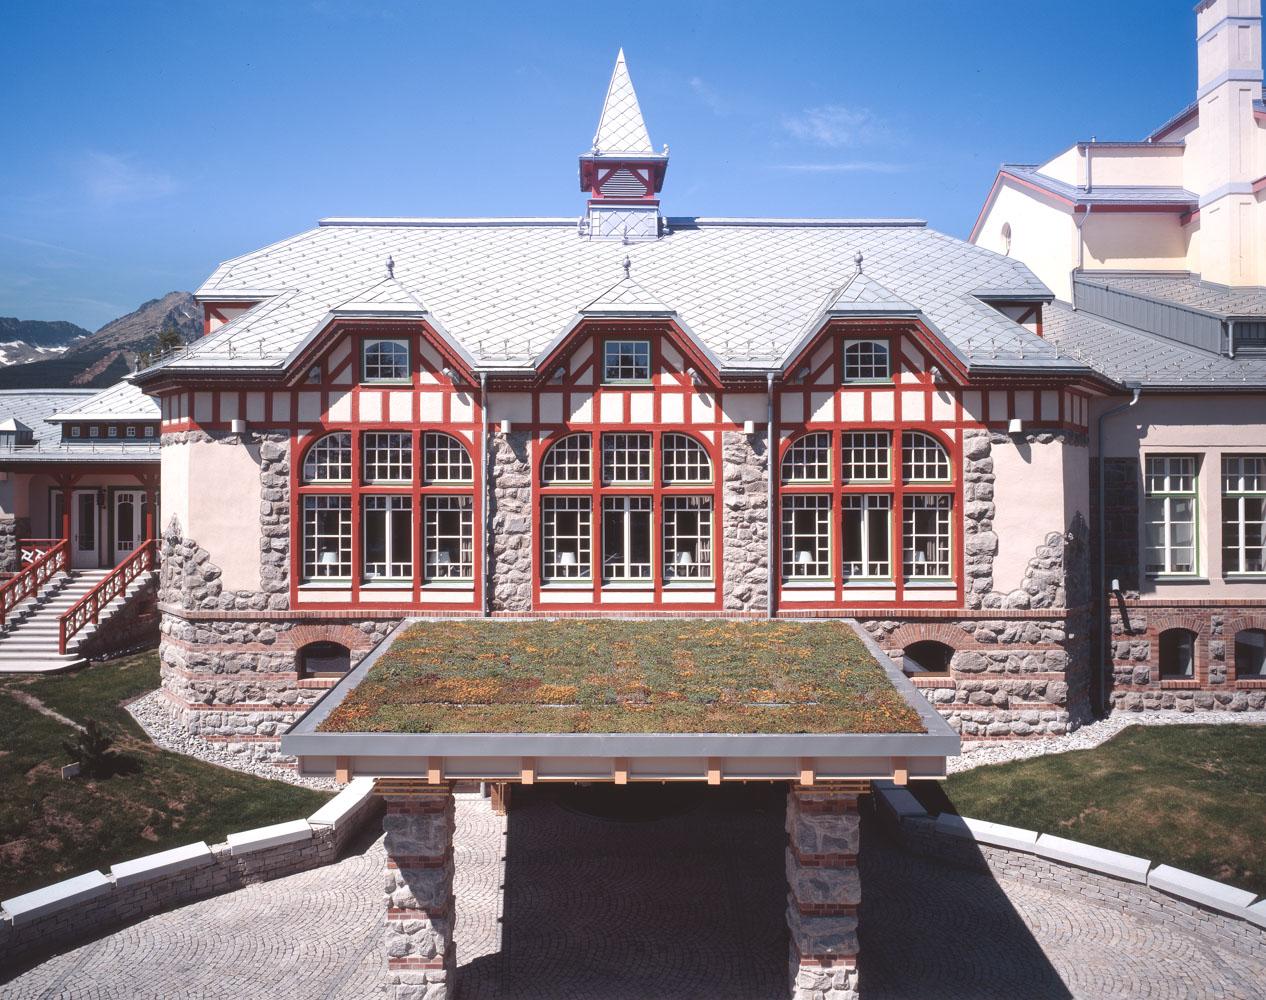 Hotel, Štrbské Pleso, Vysoké Tatry, Slovakia